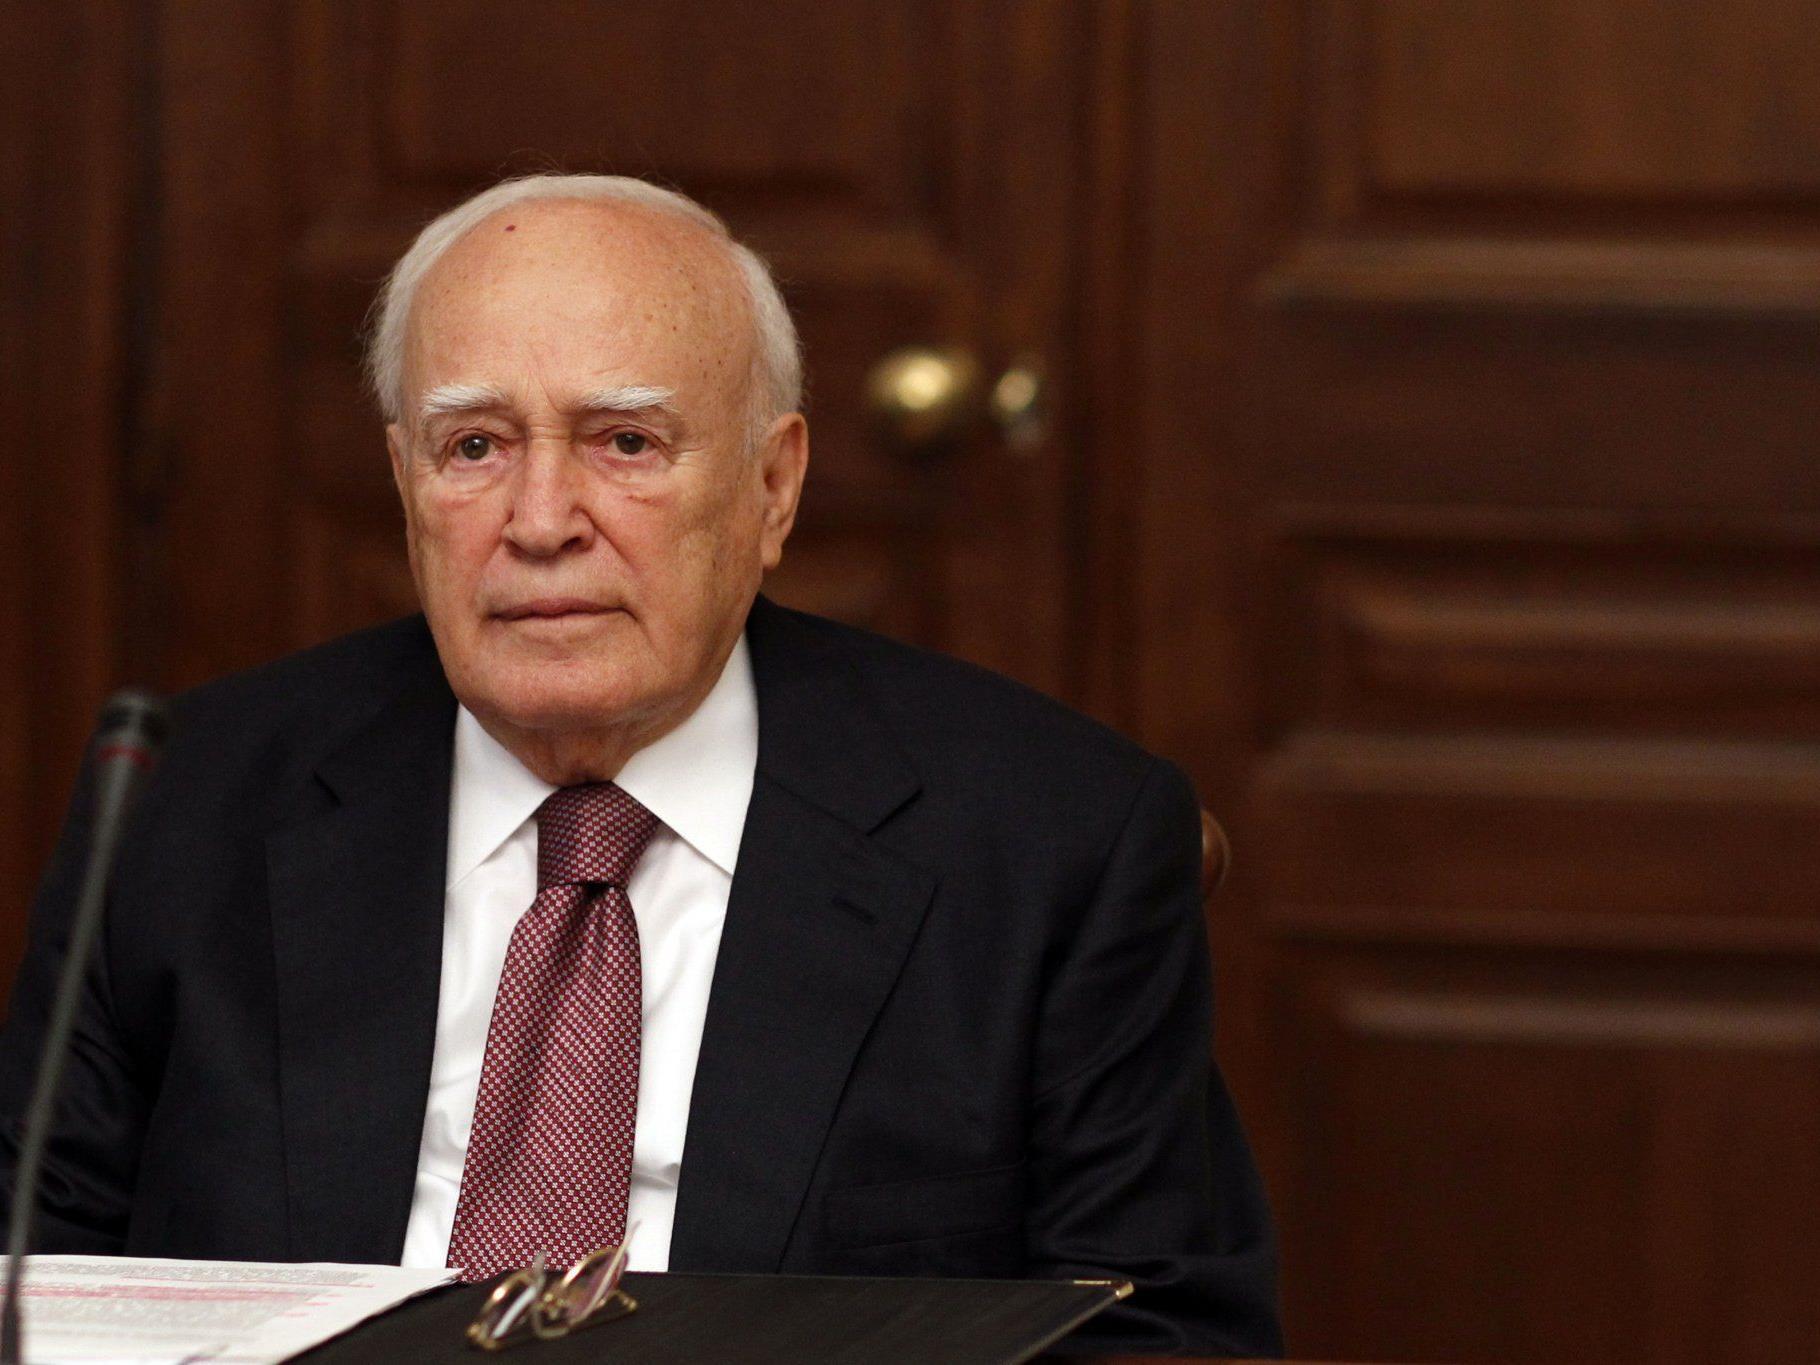 Neues Treffen am Dienstag - PASOK-Chef untersützt Vorschlag von Papoulias.